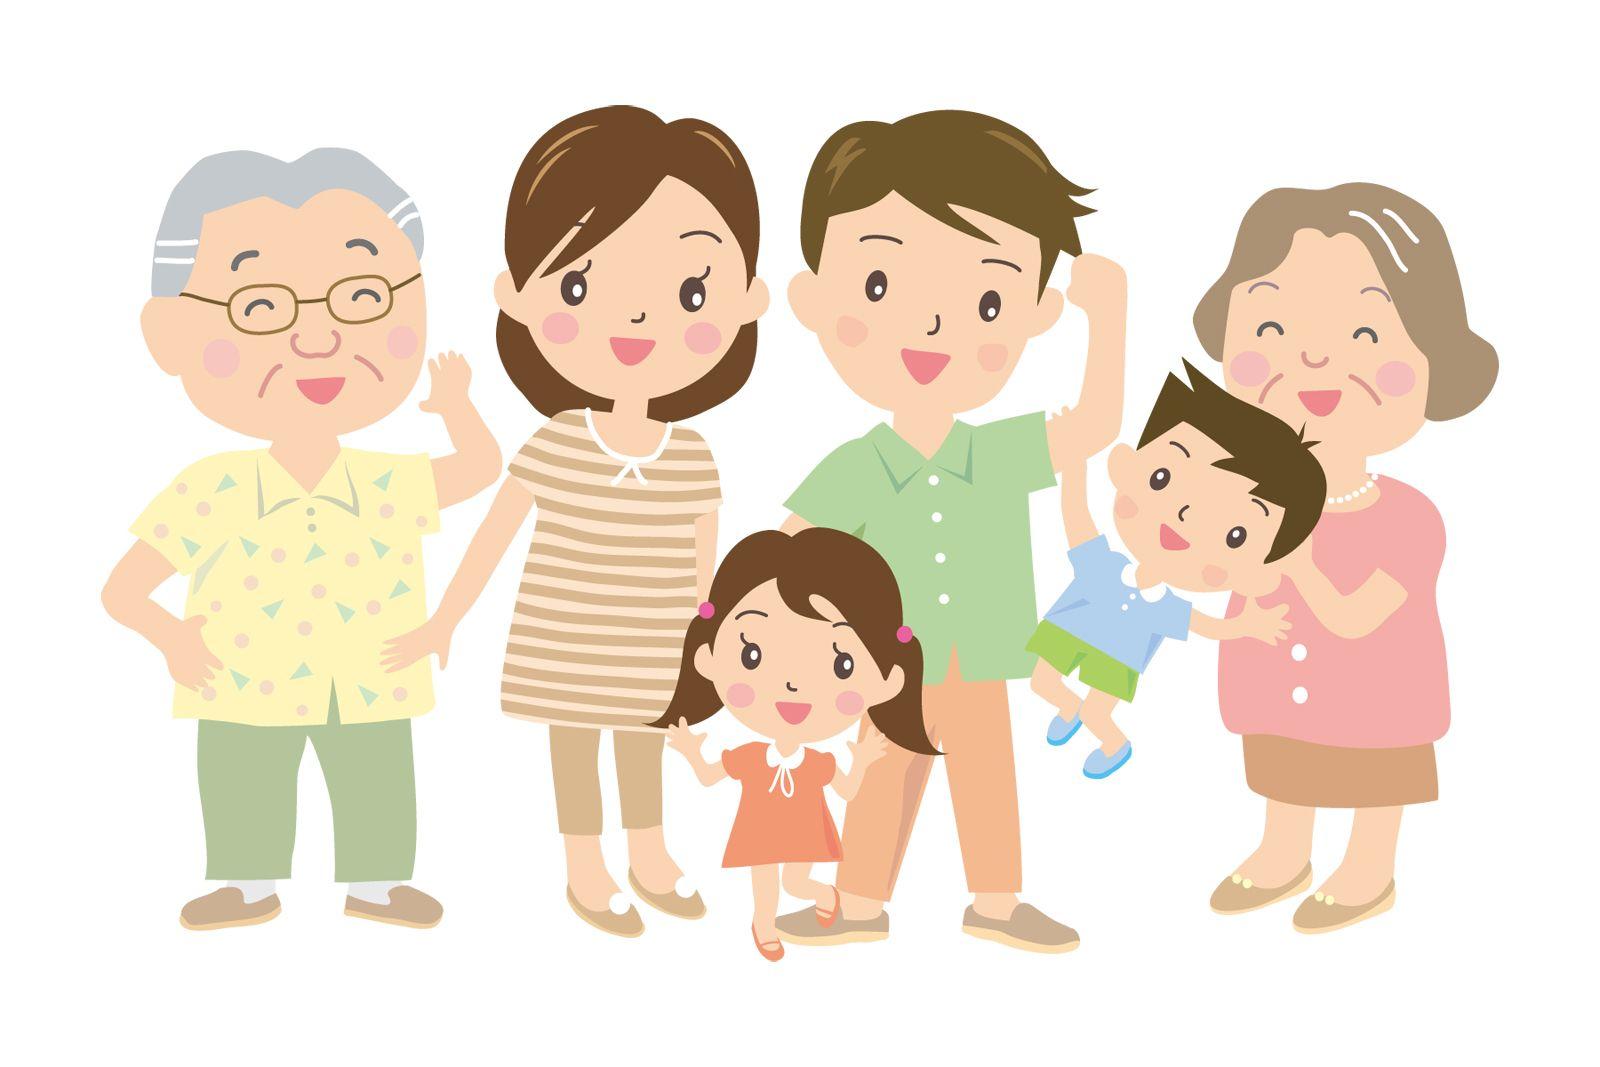 円満な家族関係